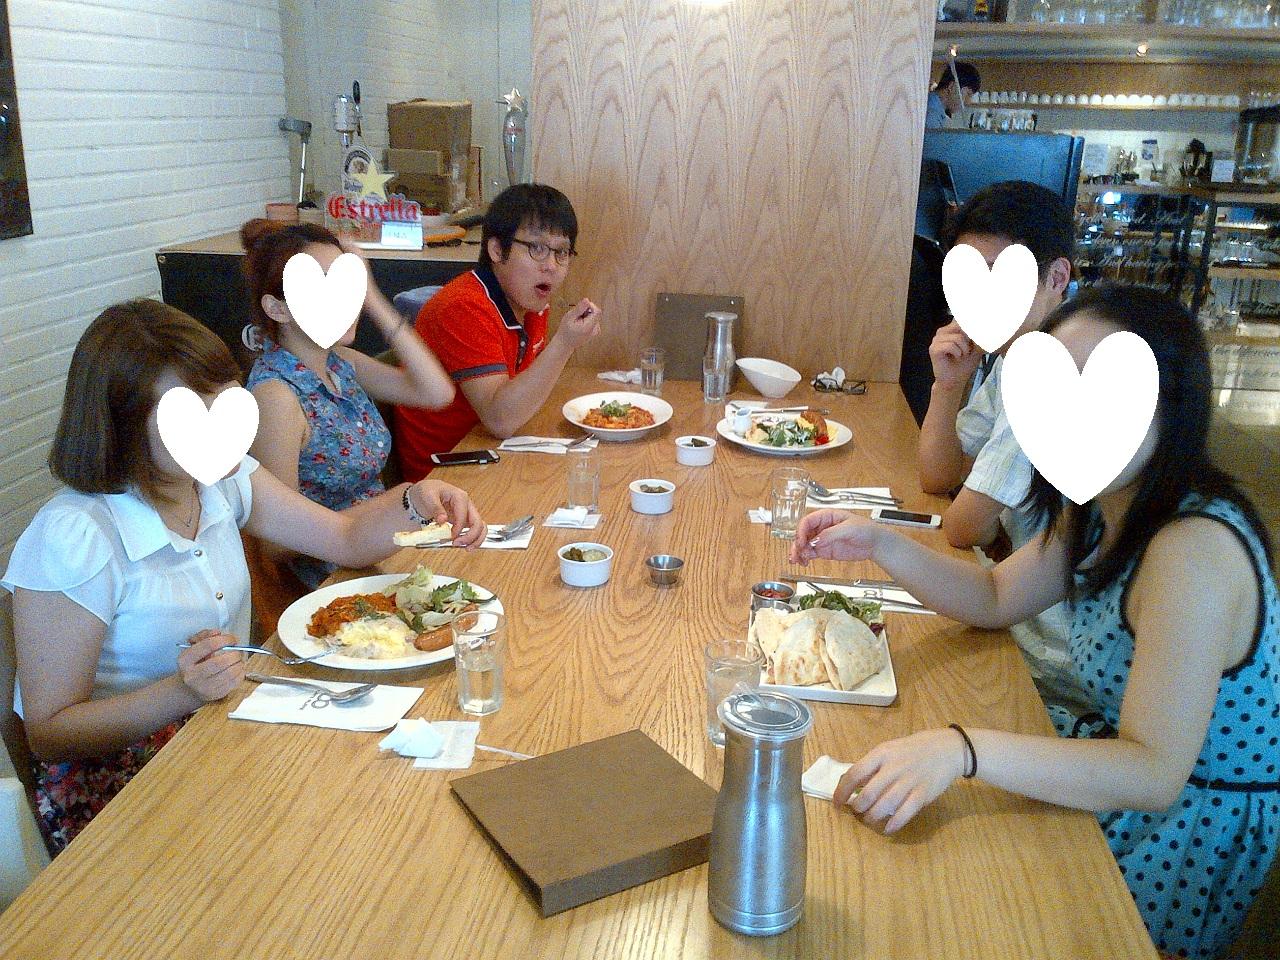 중국어스터디 회원분과 브런치를 먹었습니다.